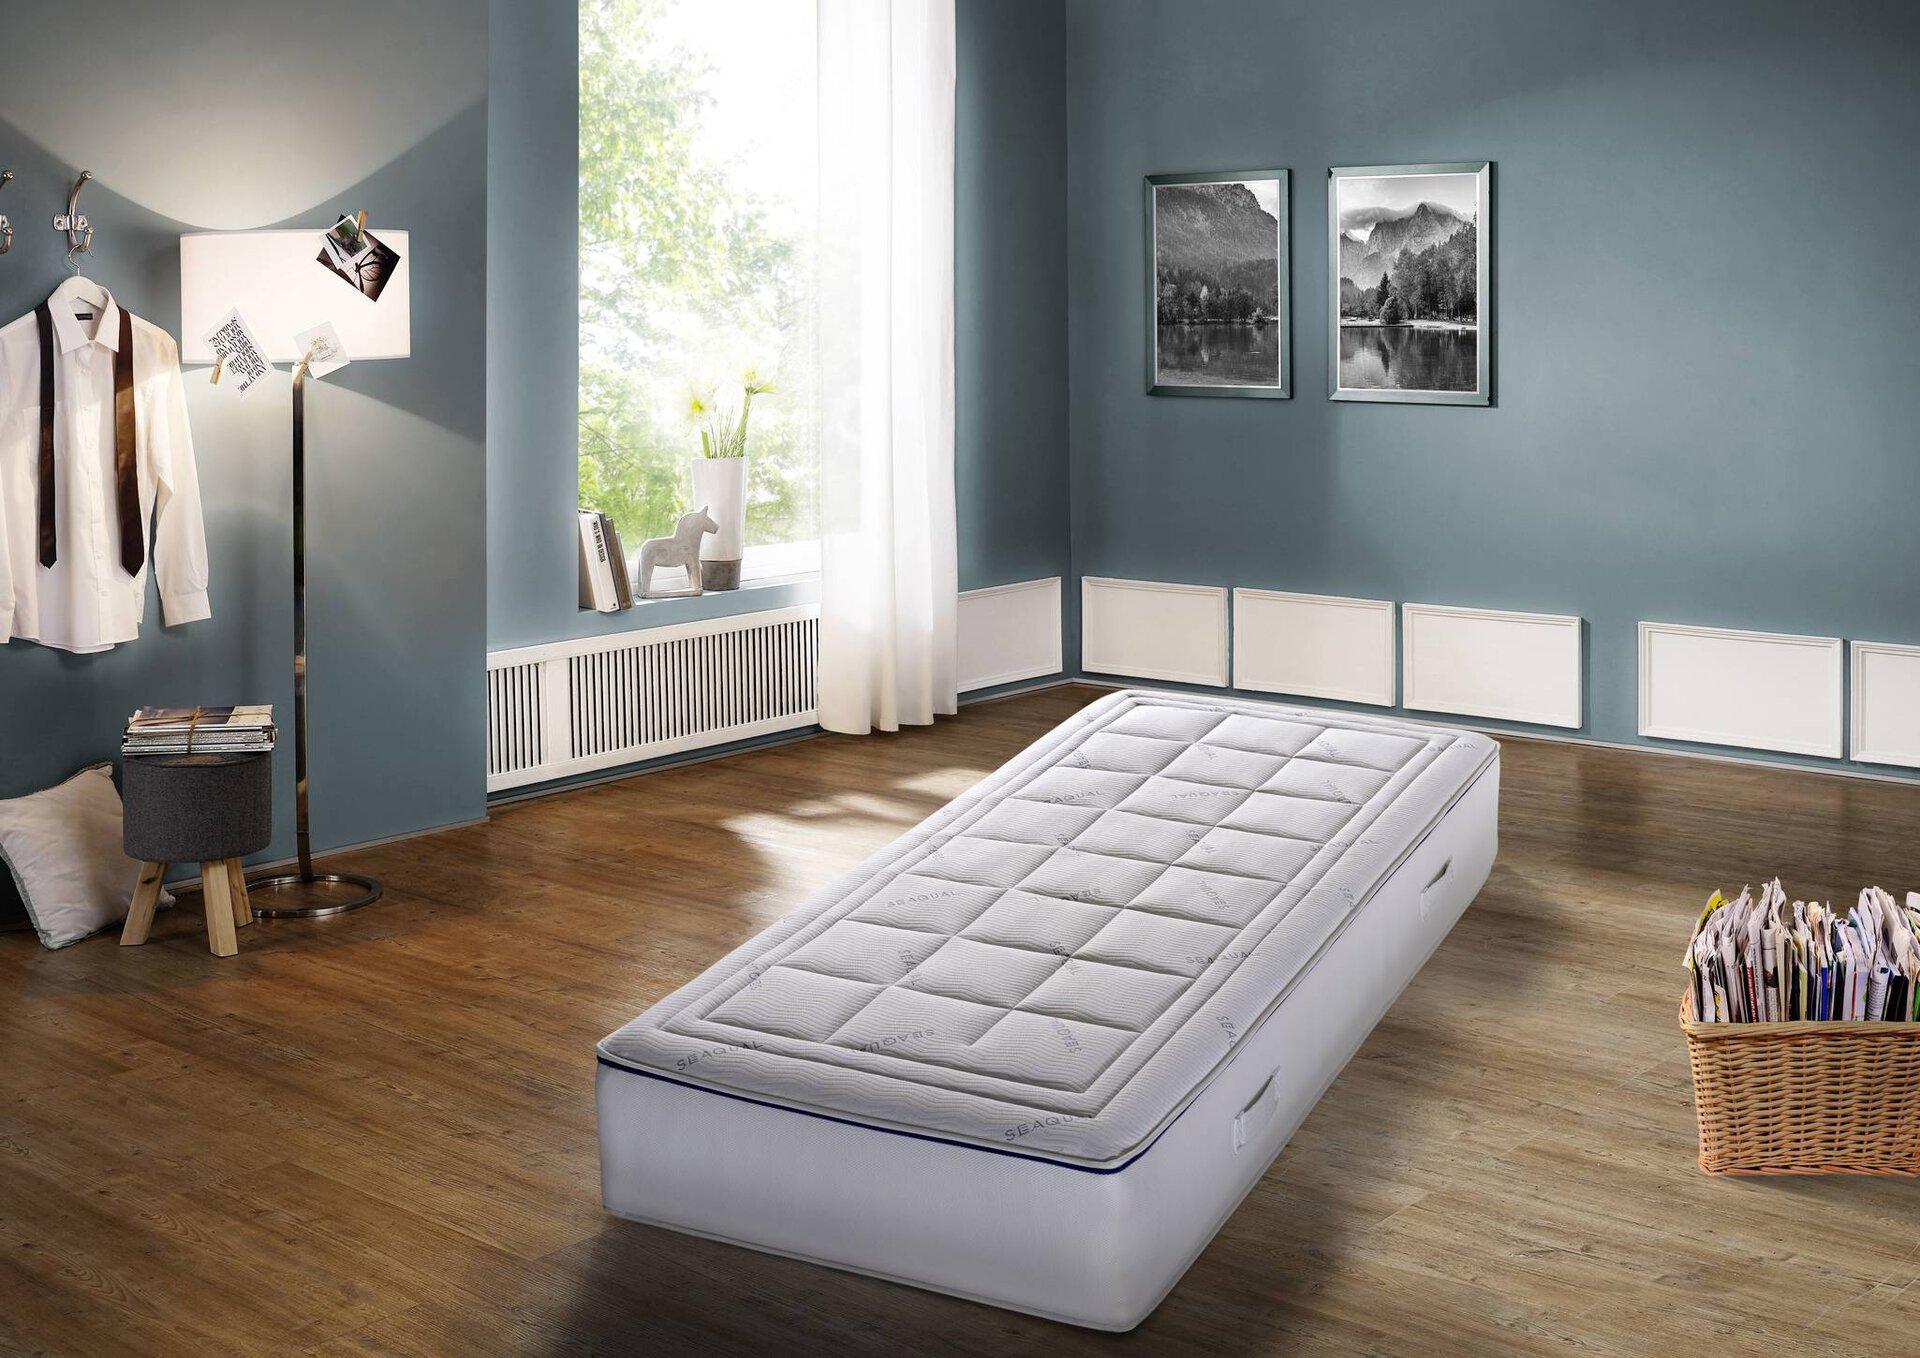 Taschenfederkernmatratze Deepblue Tilos MONDO Textil weiß 100 x 24 x 200 cm